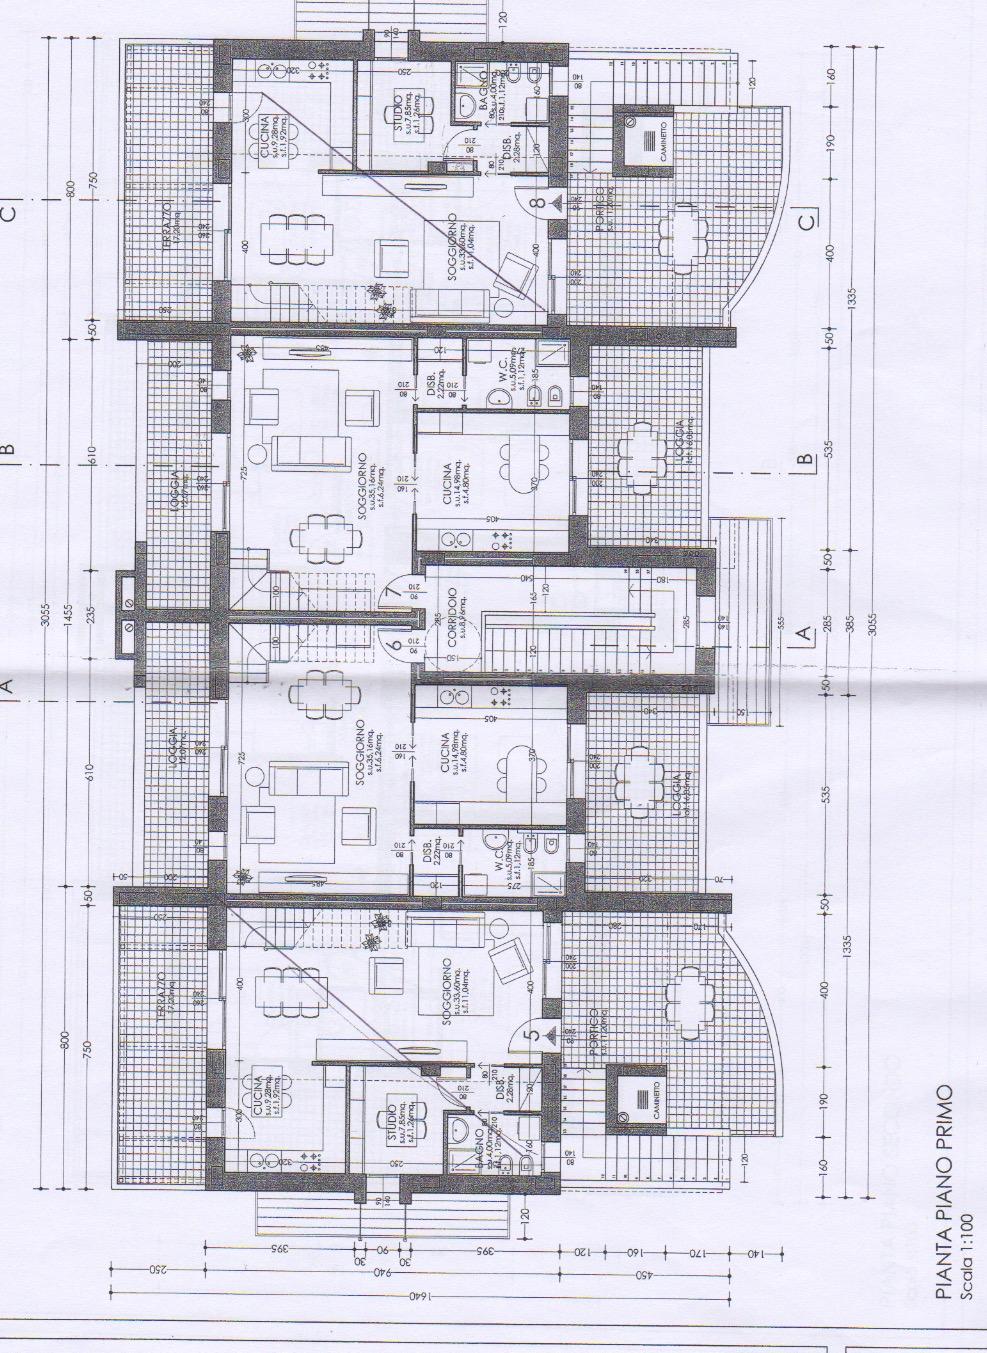 Appartamento in vendita a San Vendemiano, 5 locali, zona Zona: Cosniga, prezzo € 185.000 | CambioCasa.it